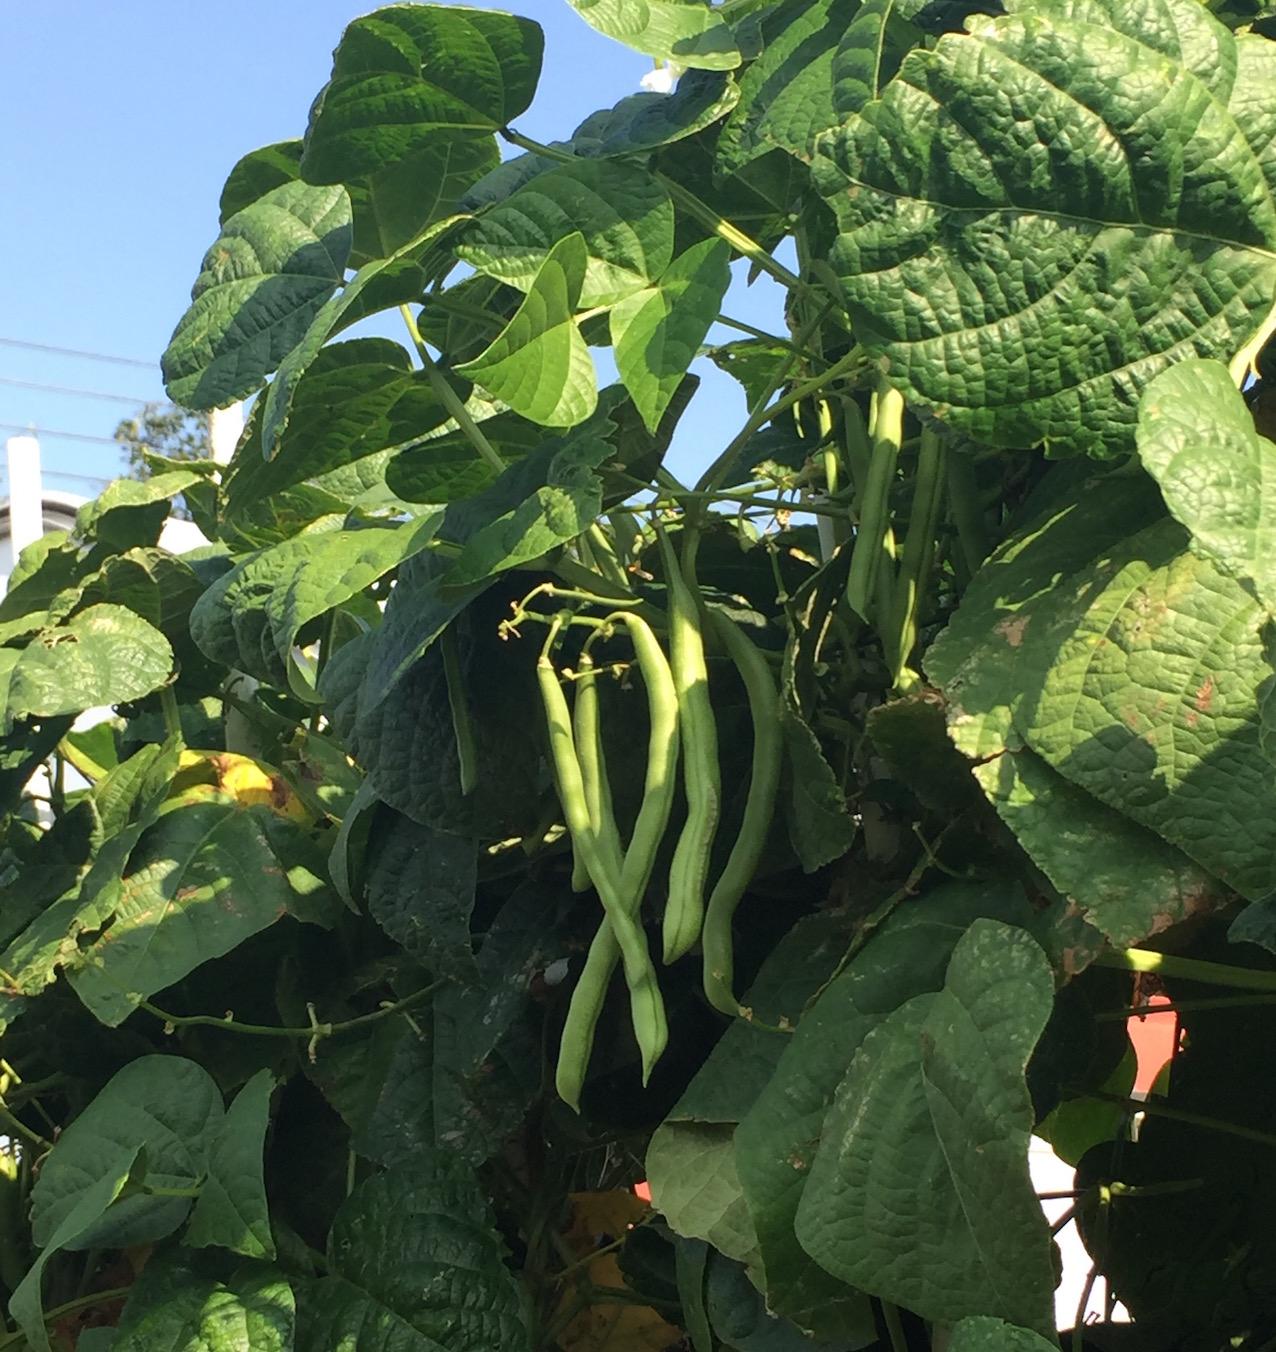 Auntie Chrissie's green beans